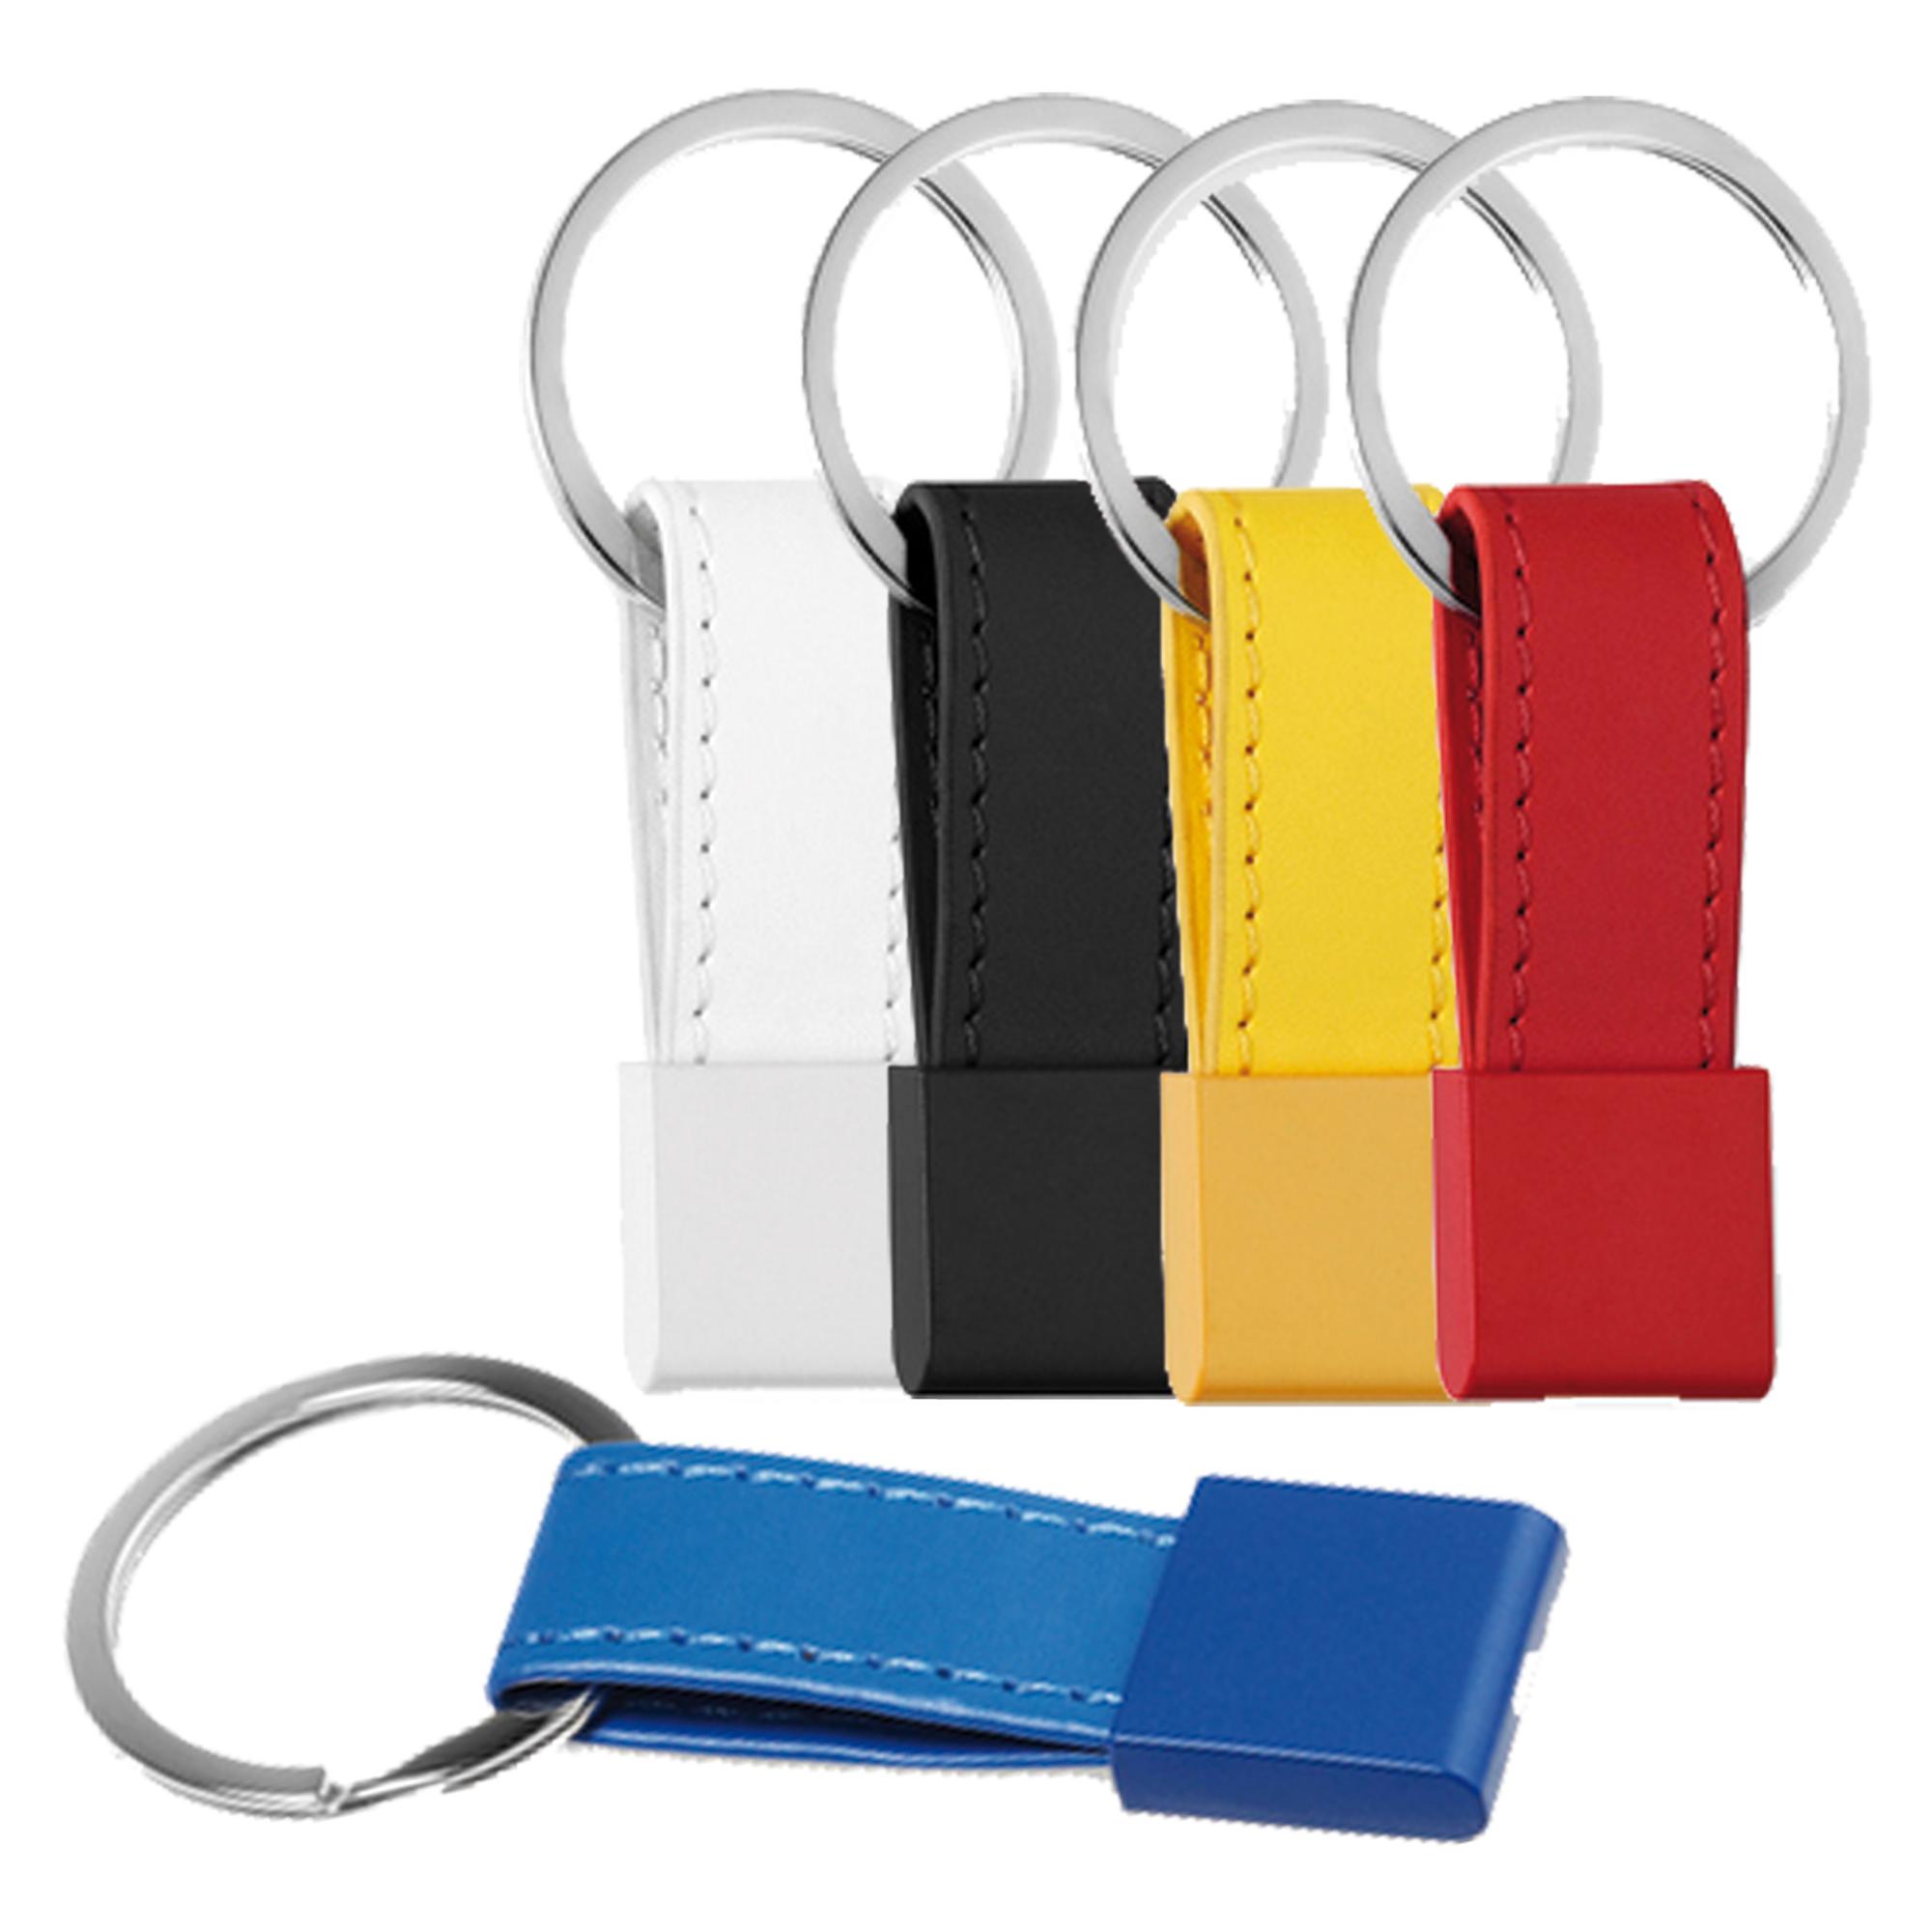 Schlüsselanhänger aus Metall und Kunststoff